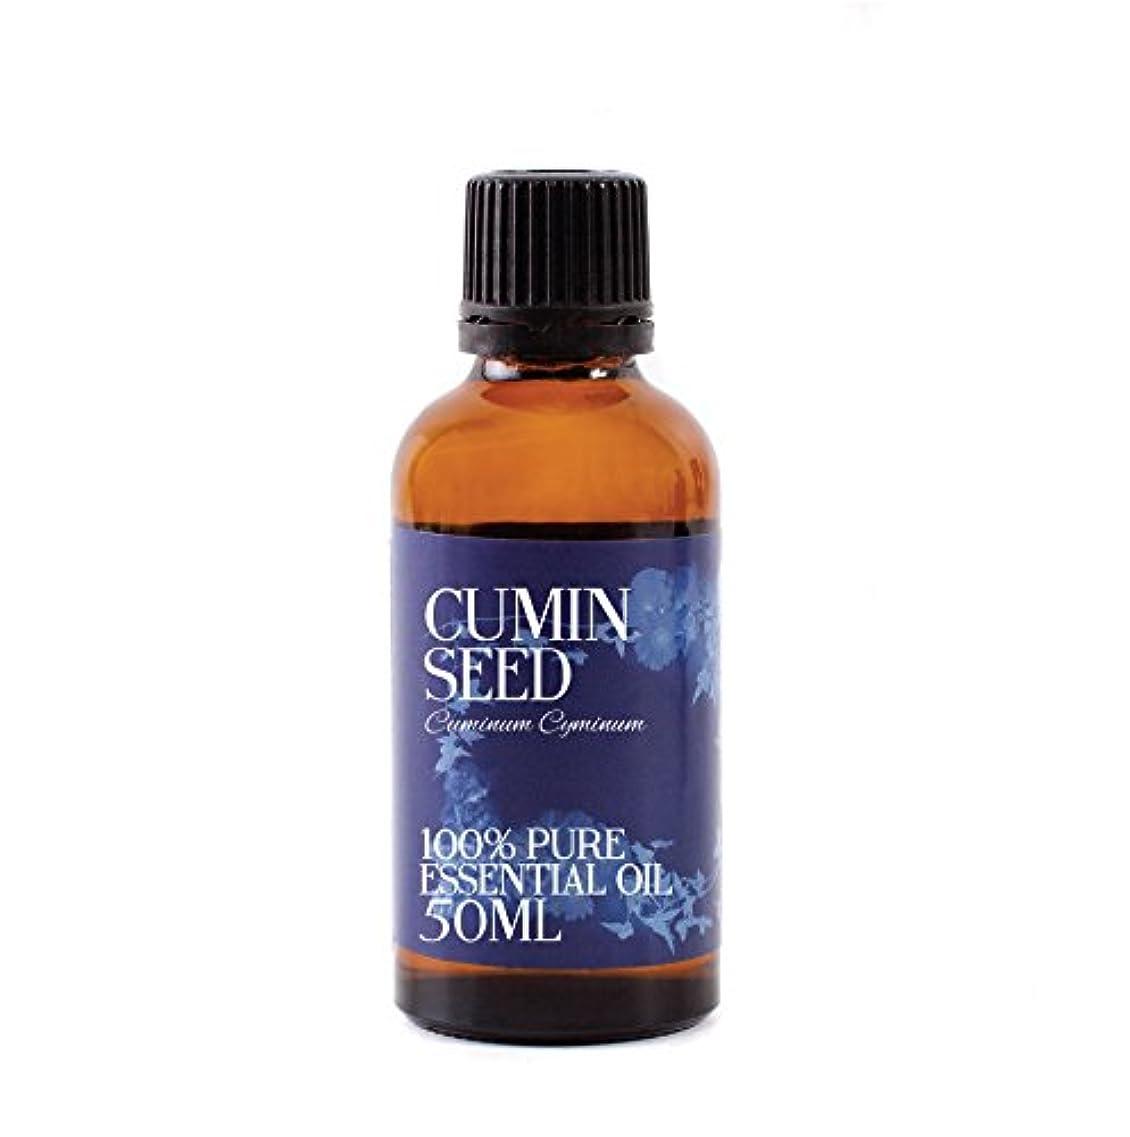 透過性禁輸ファランクスMystic Moments | Cumin Seed Essential Oil - 50ml - 100% Pure